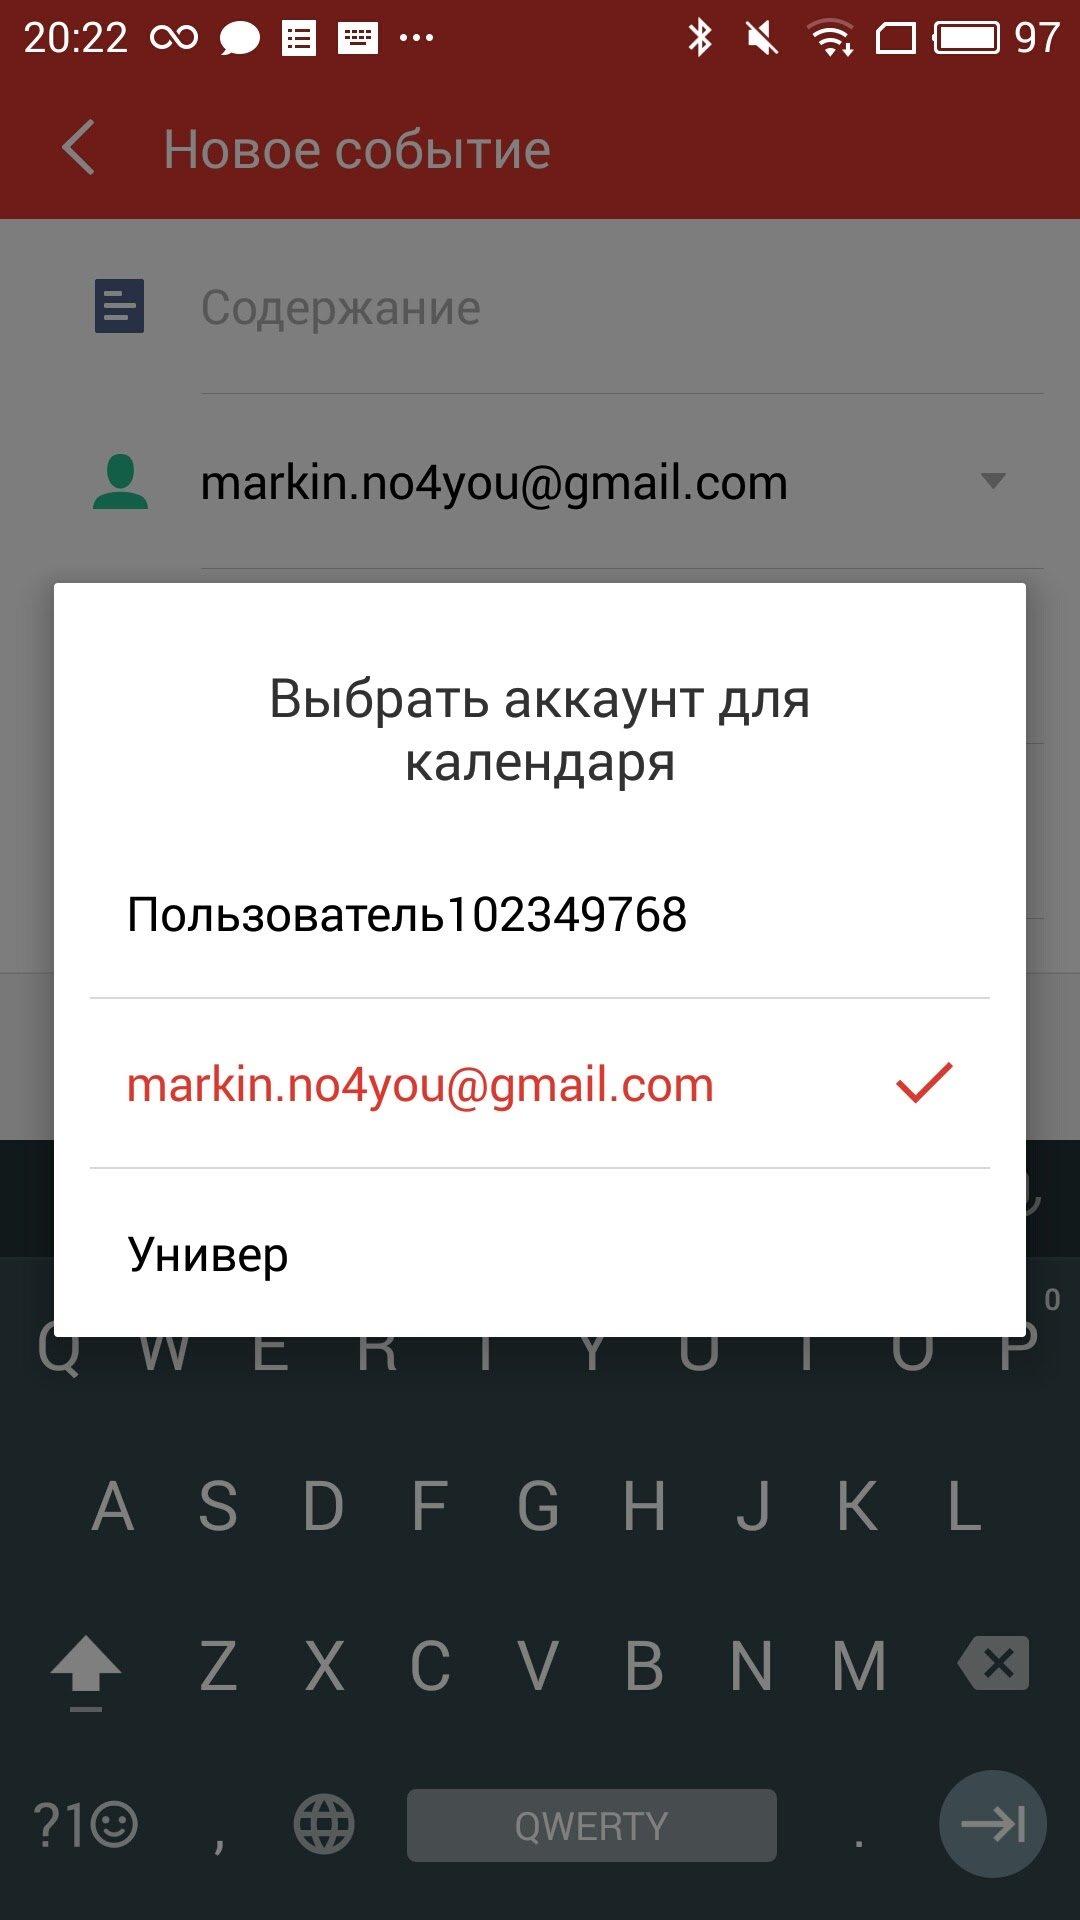 Бэкап дат календаря Android